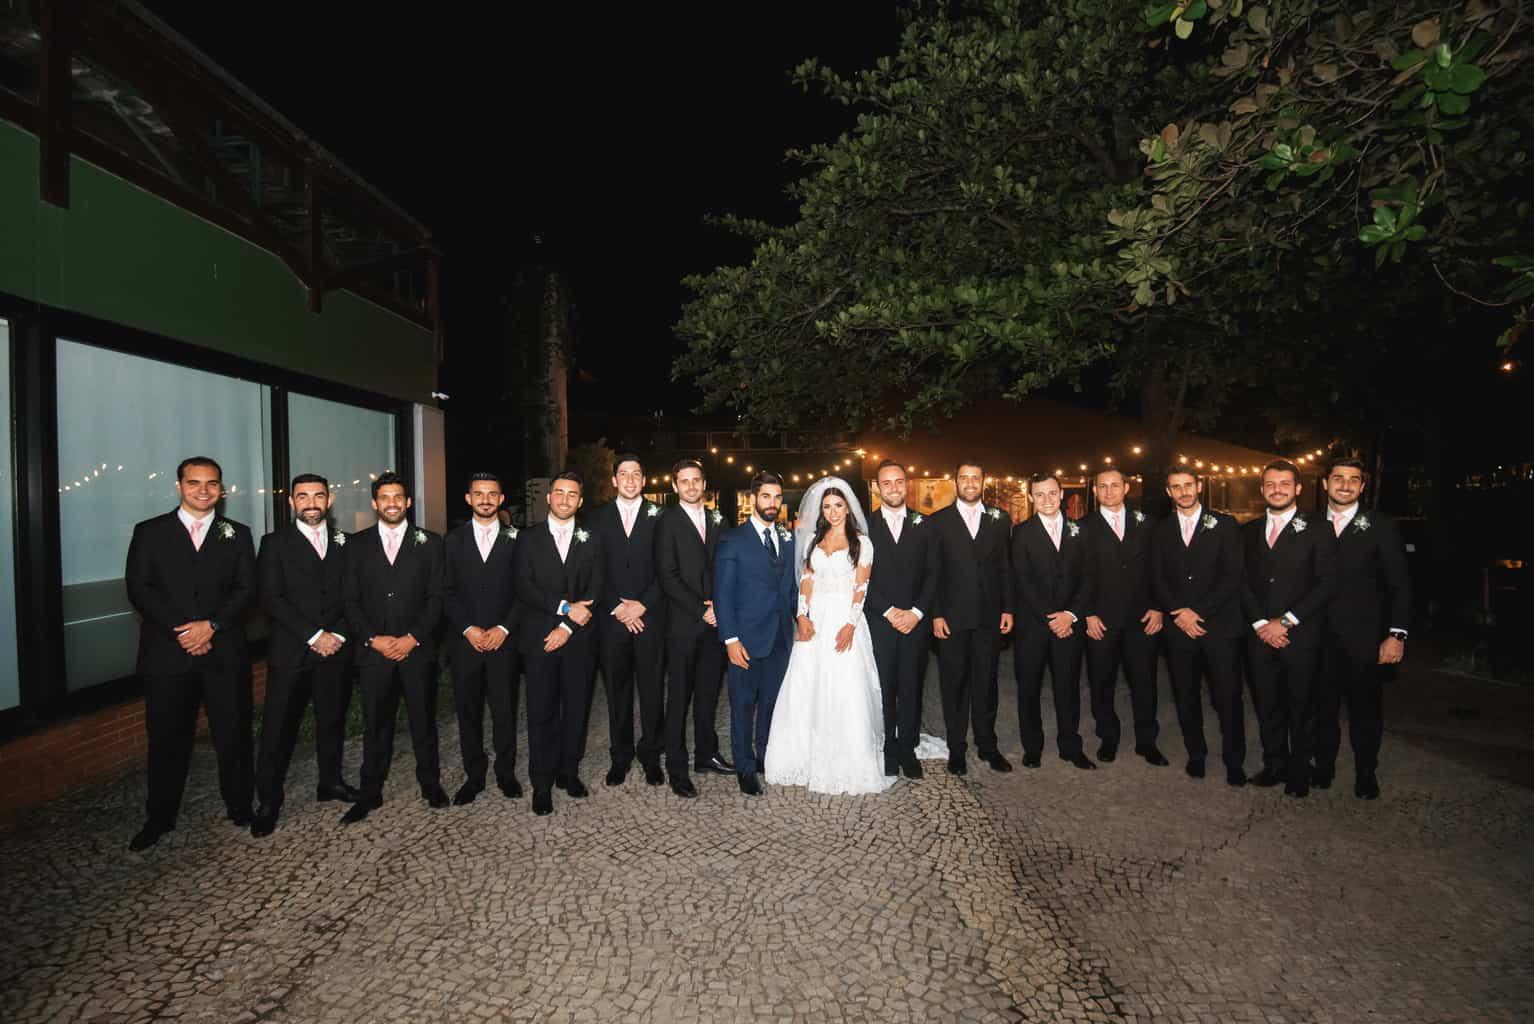 casamento-clássicocasamento-tradicional-casamento-stephanie-e-daniel-Fotografia-V-Rebel-95